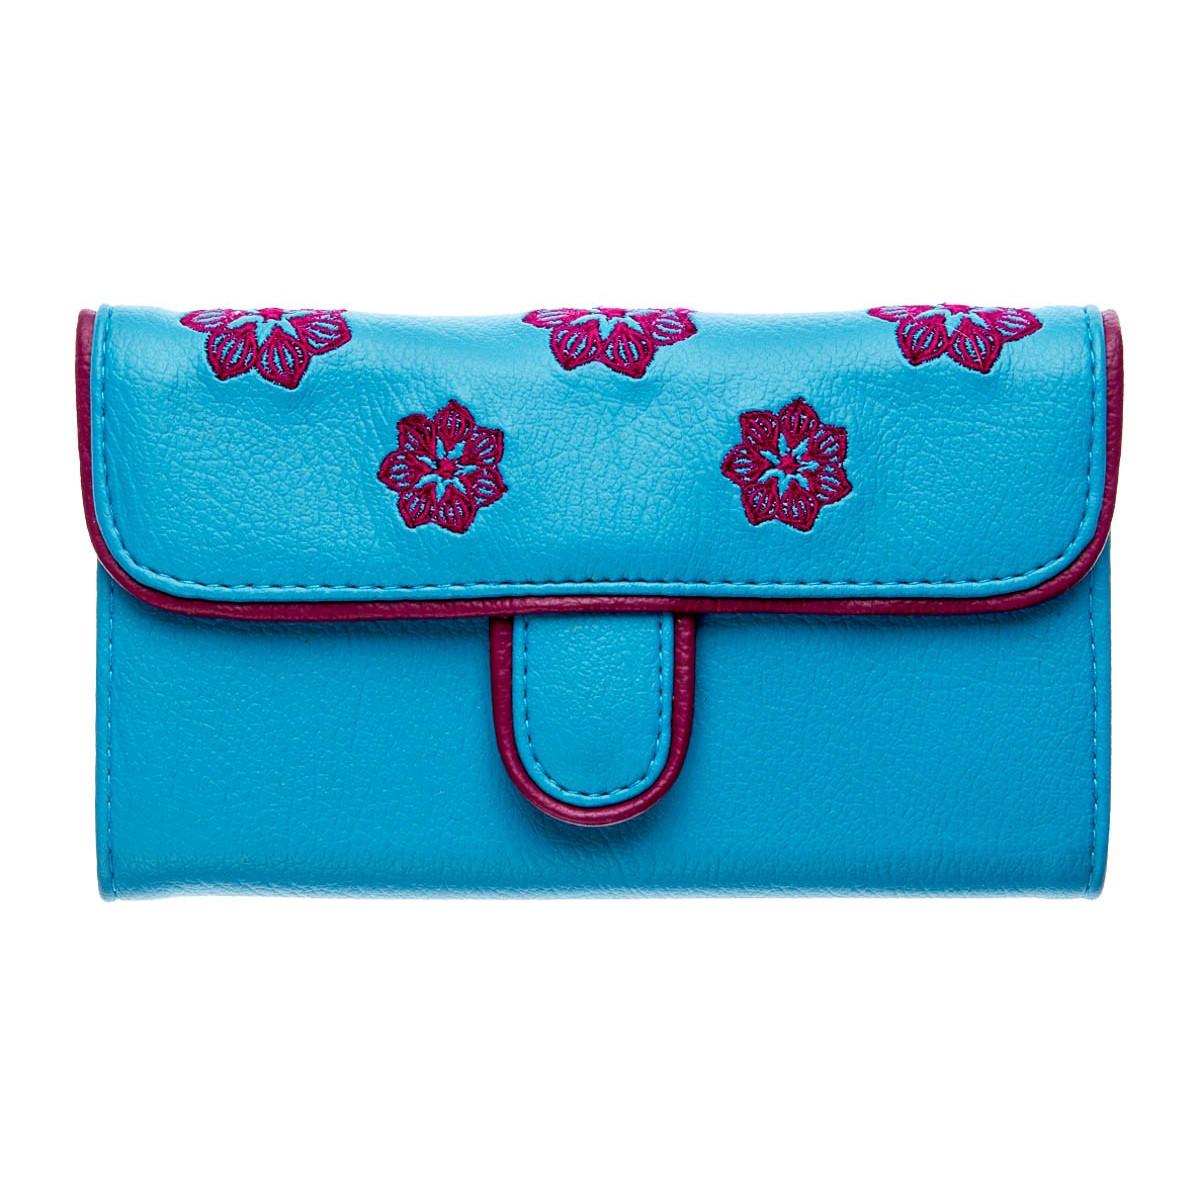 Portefeuille femme bleu et violet